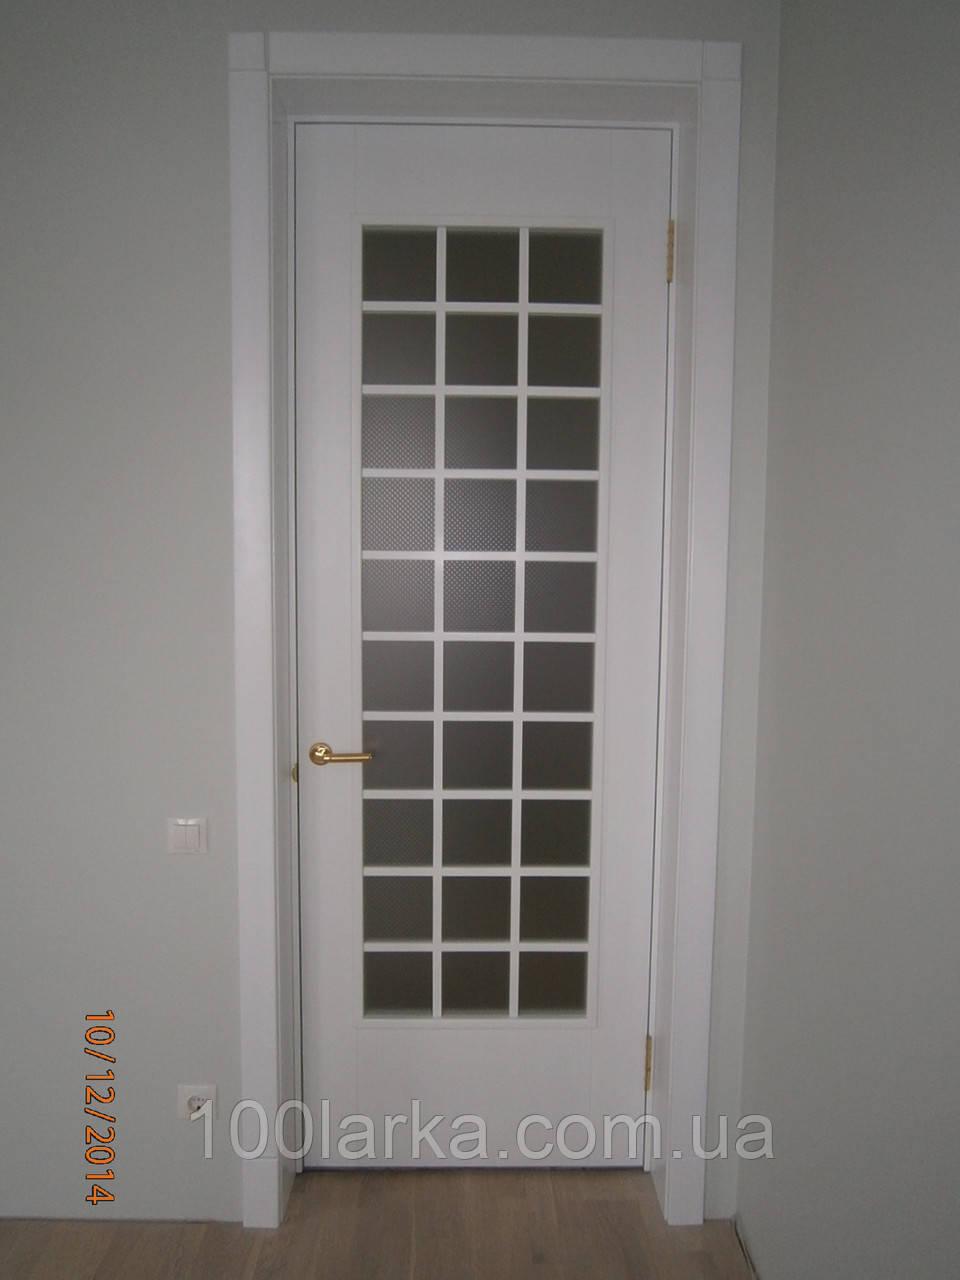 Межкомнатные деревянные двери из ясеня